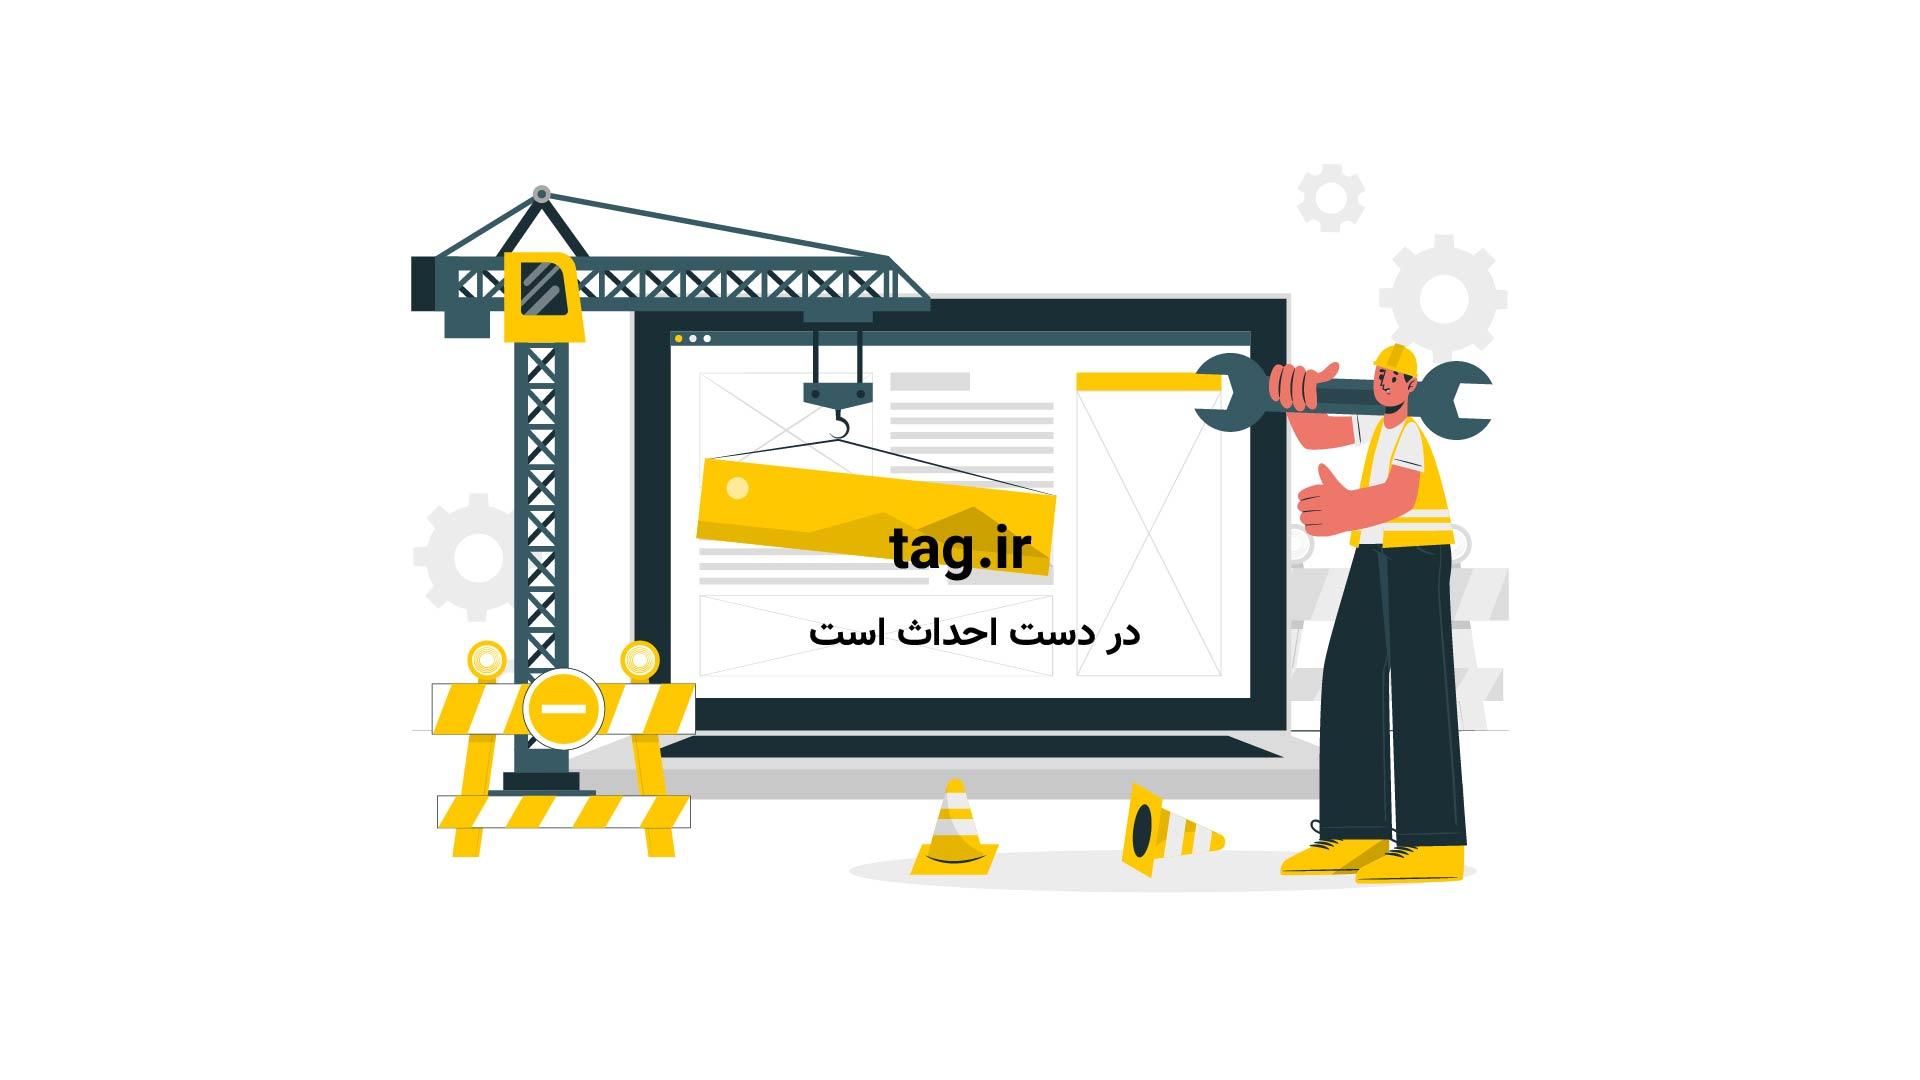 تکنیک نقاشی با آبرنگ؛ آموزش کشیدن آسمان شب   فیلم